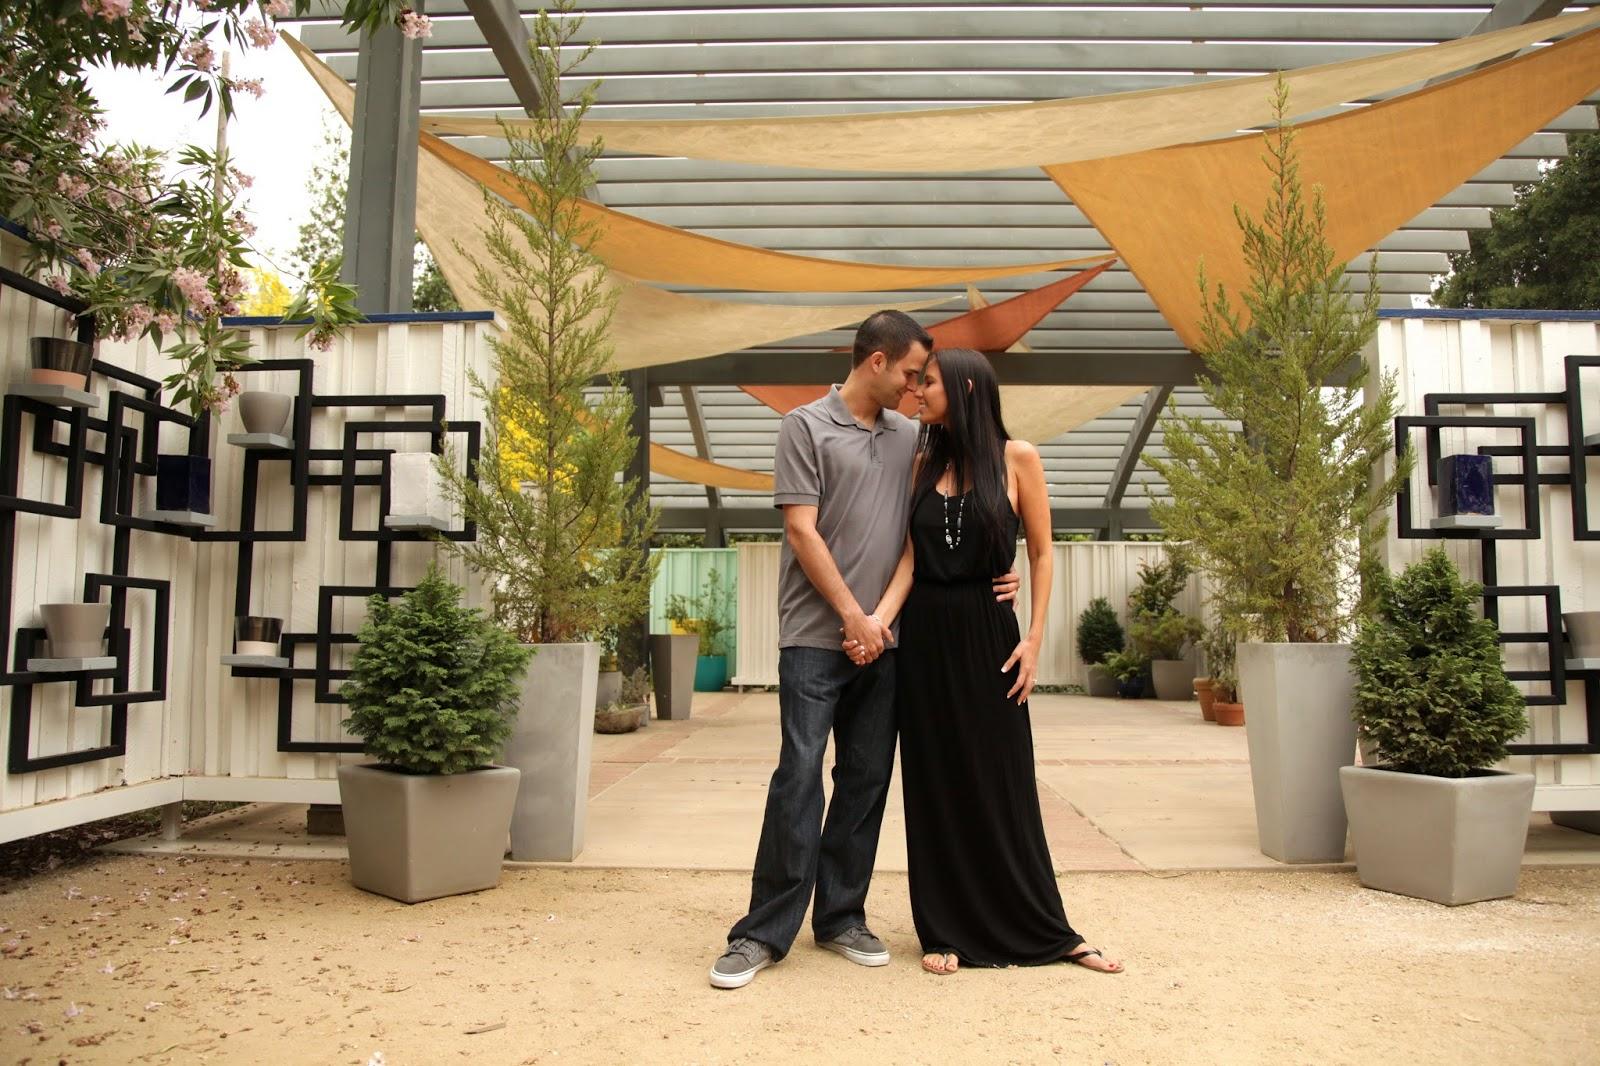 Maile And Sean Engagement At The Rancho Santa Ana Botanical Gardens